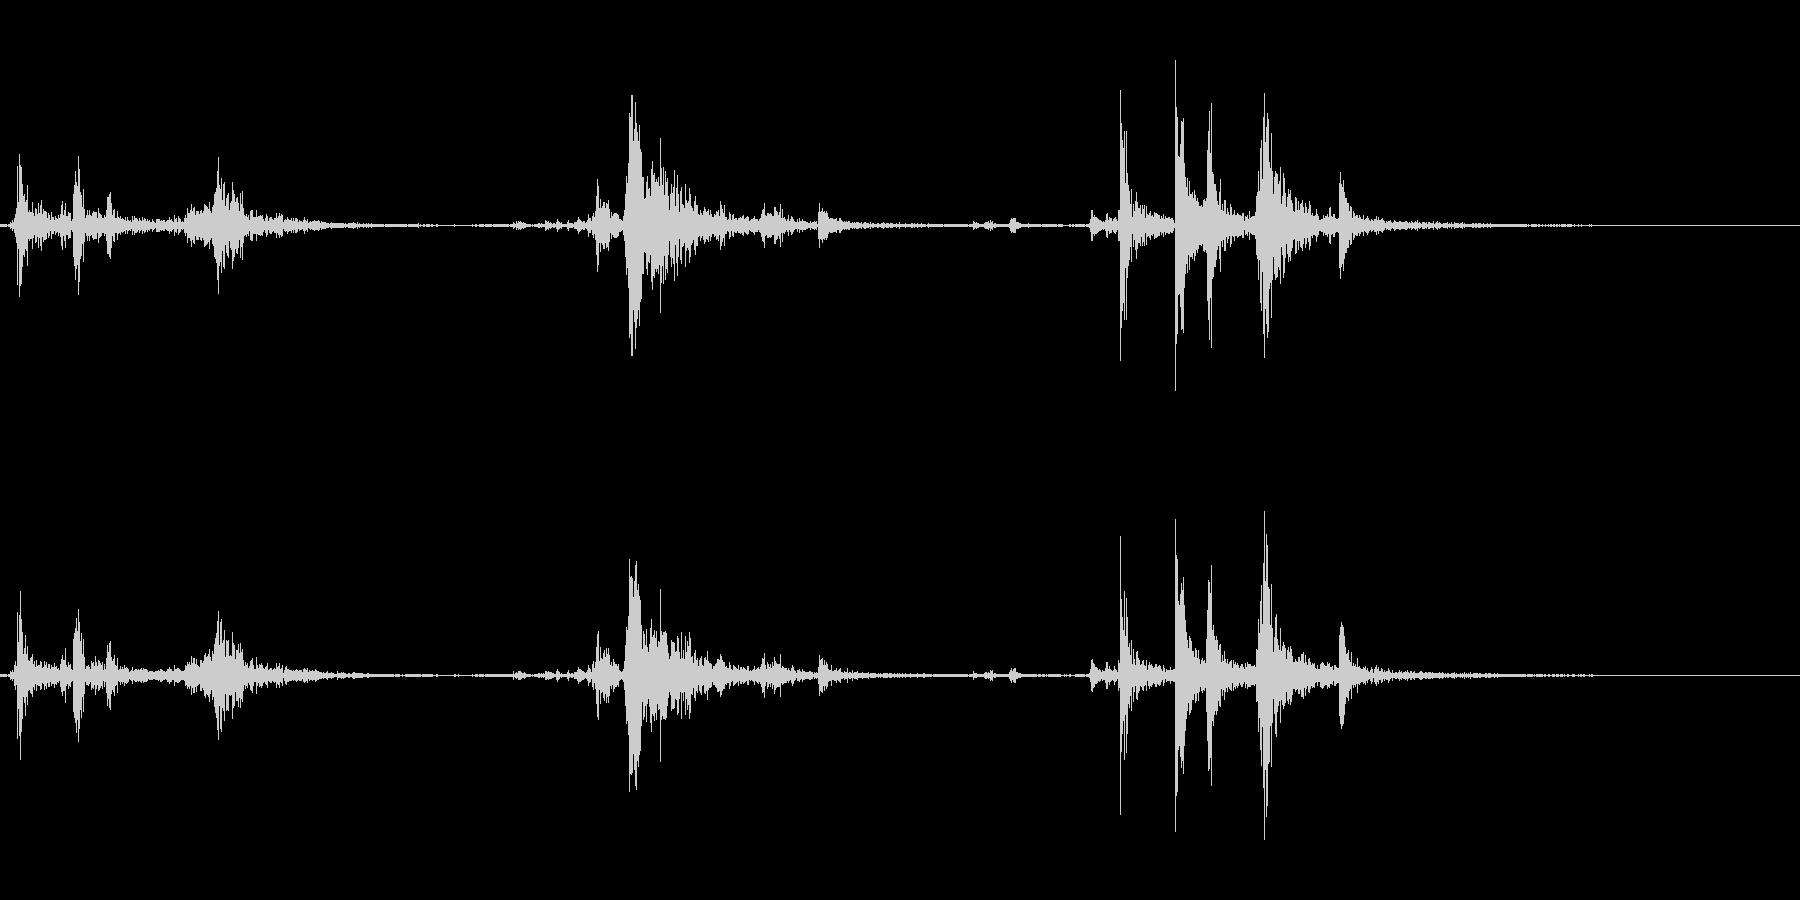 【生録音】パッケージ 開封音 11の未再生の波形